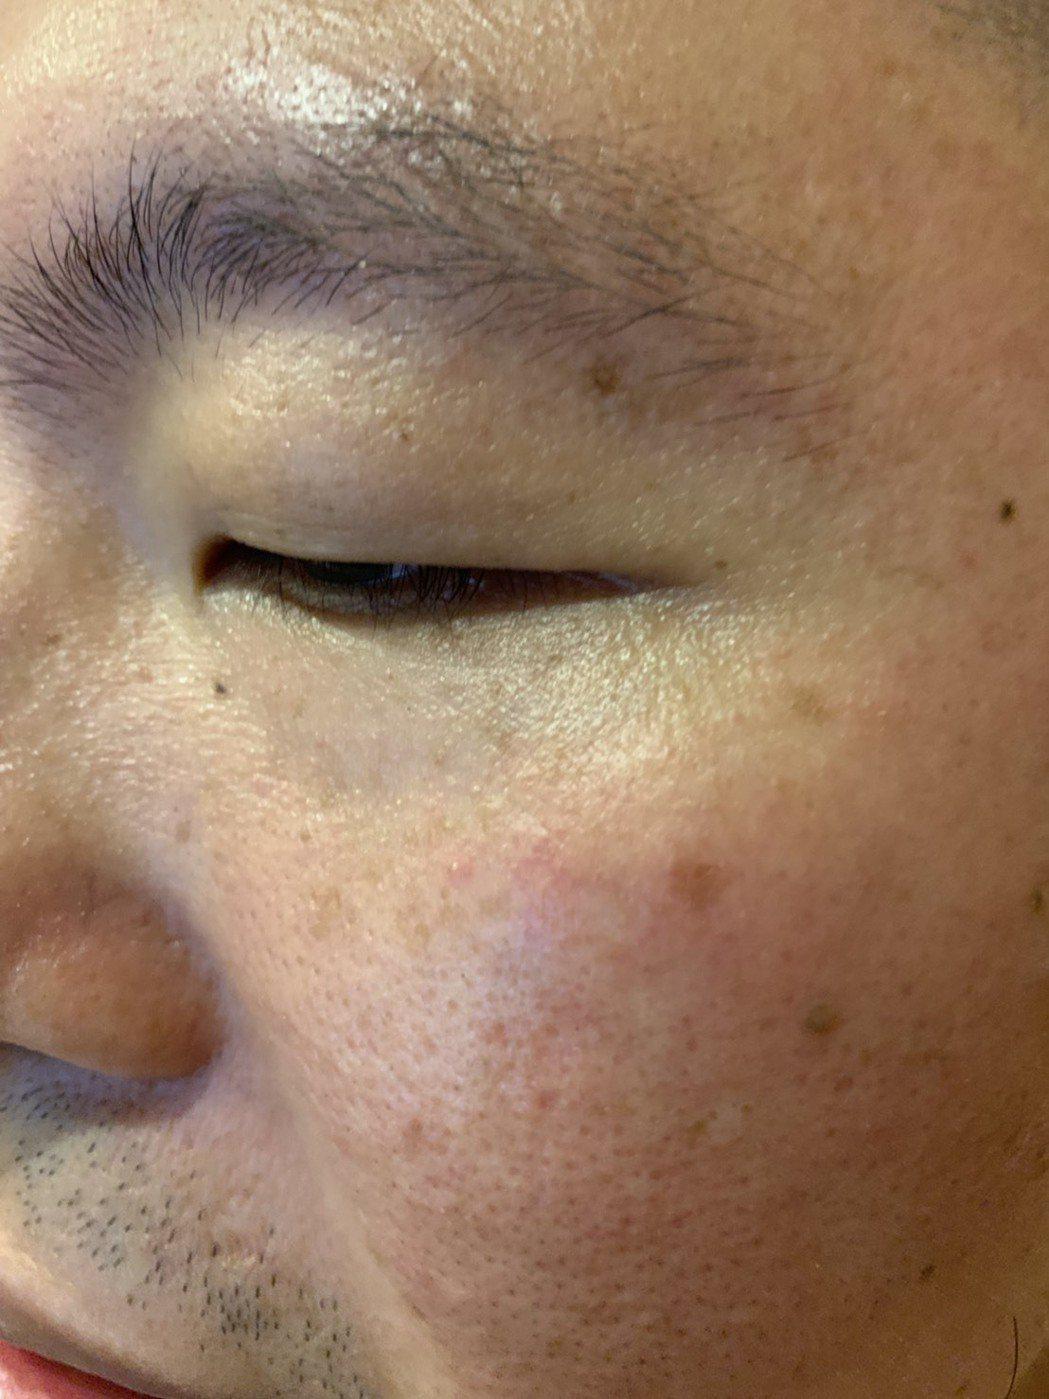 若有輕微的眼袋,建議避免熬夜,要有充足睡眠才能延緩眼袋生成。記者陳雨鑫/攝影